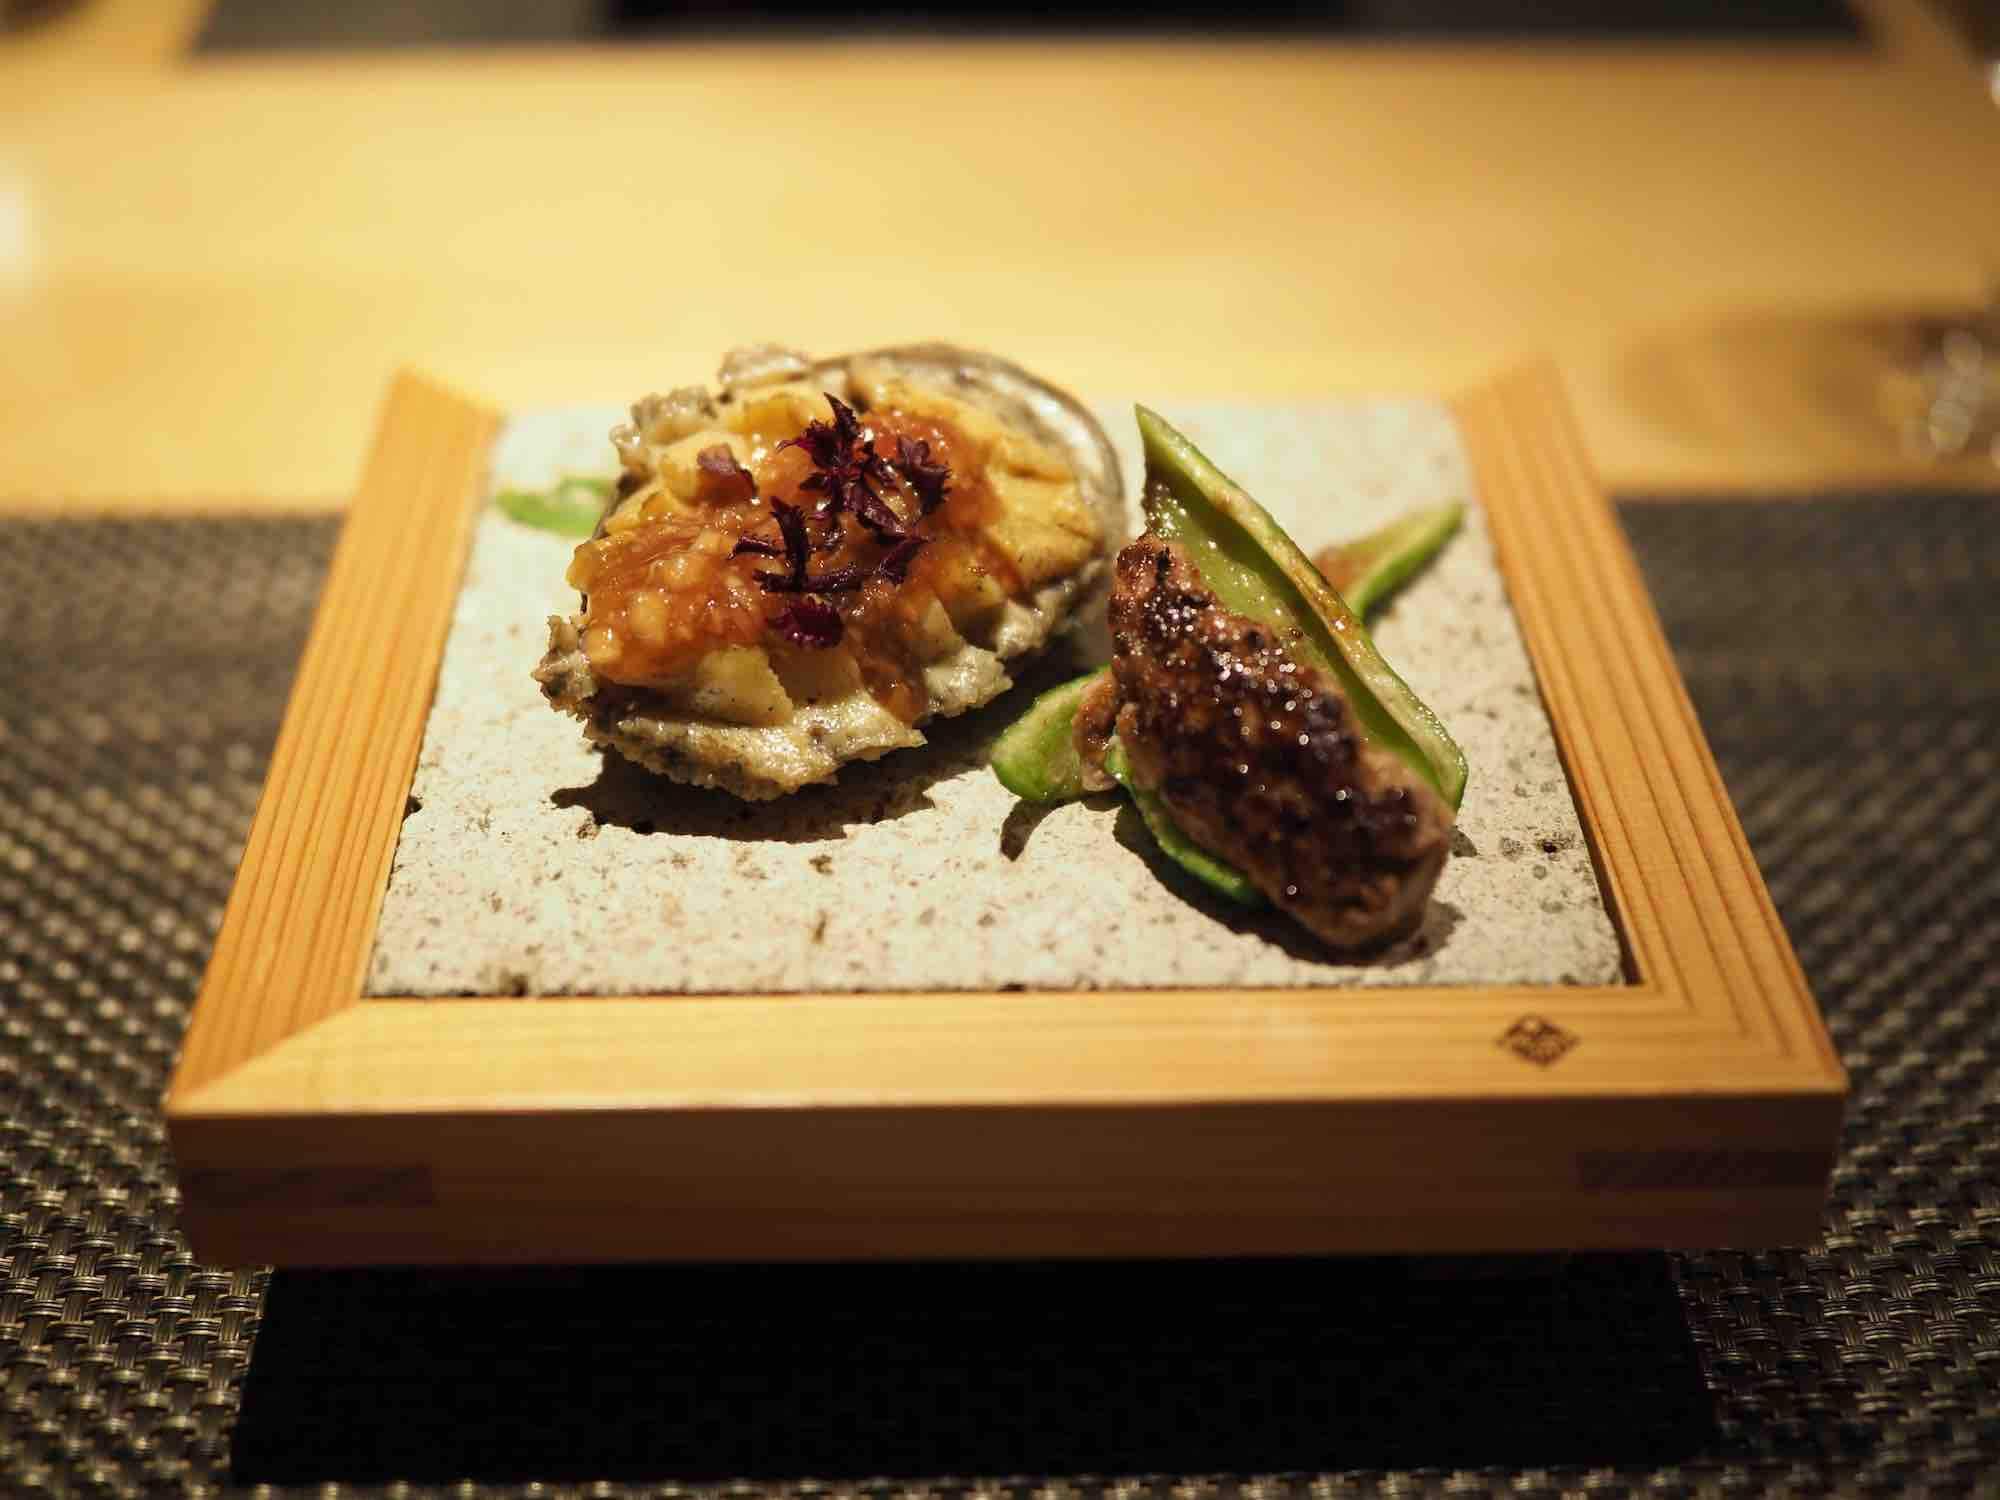 京都懐石料理花六(はなろく)コース料理の写真口コミ